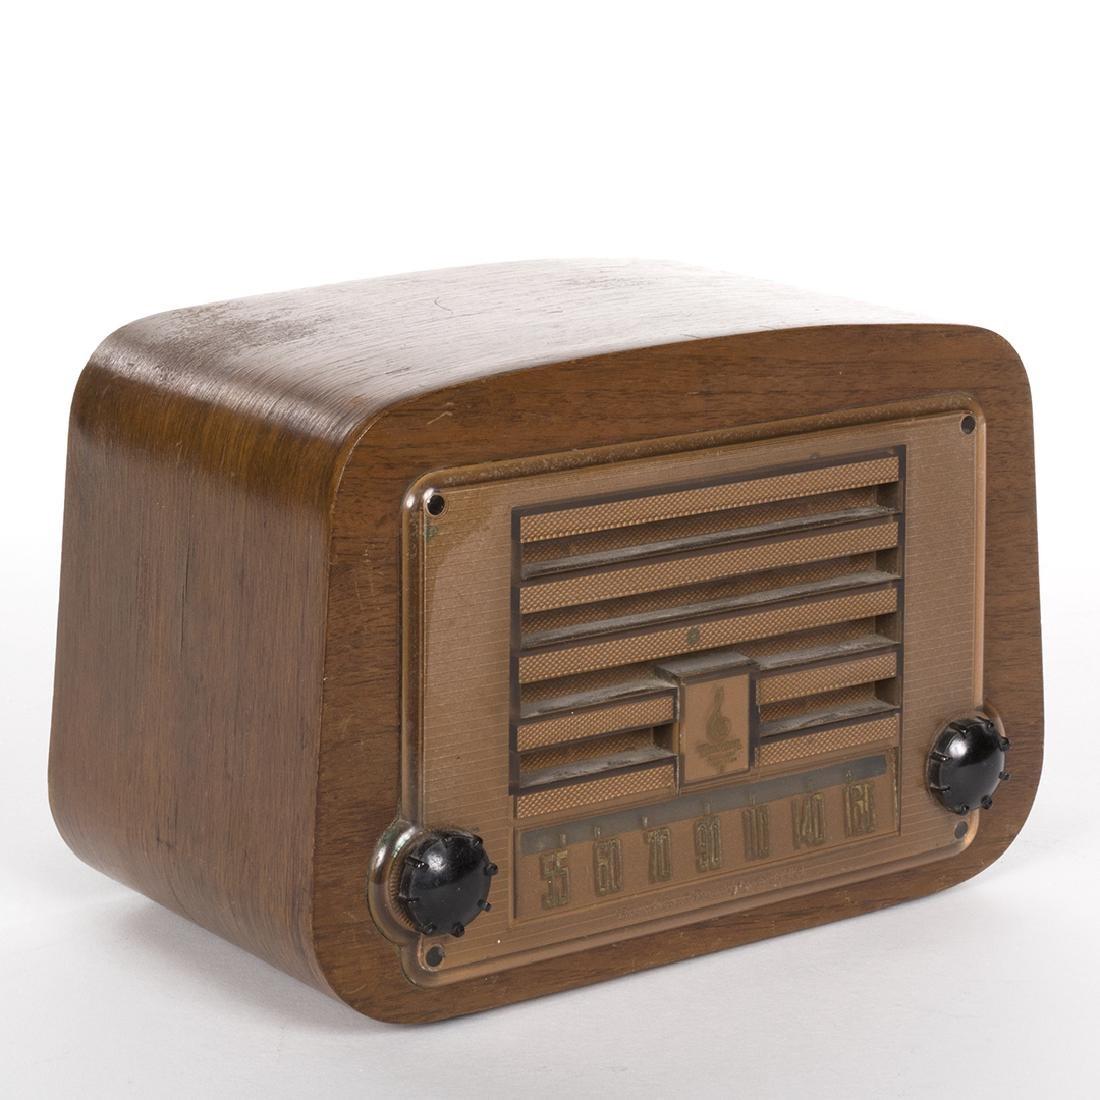 Charles Eames Emerson Radio - 2